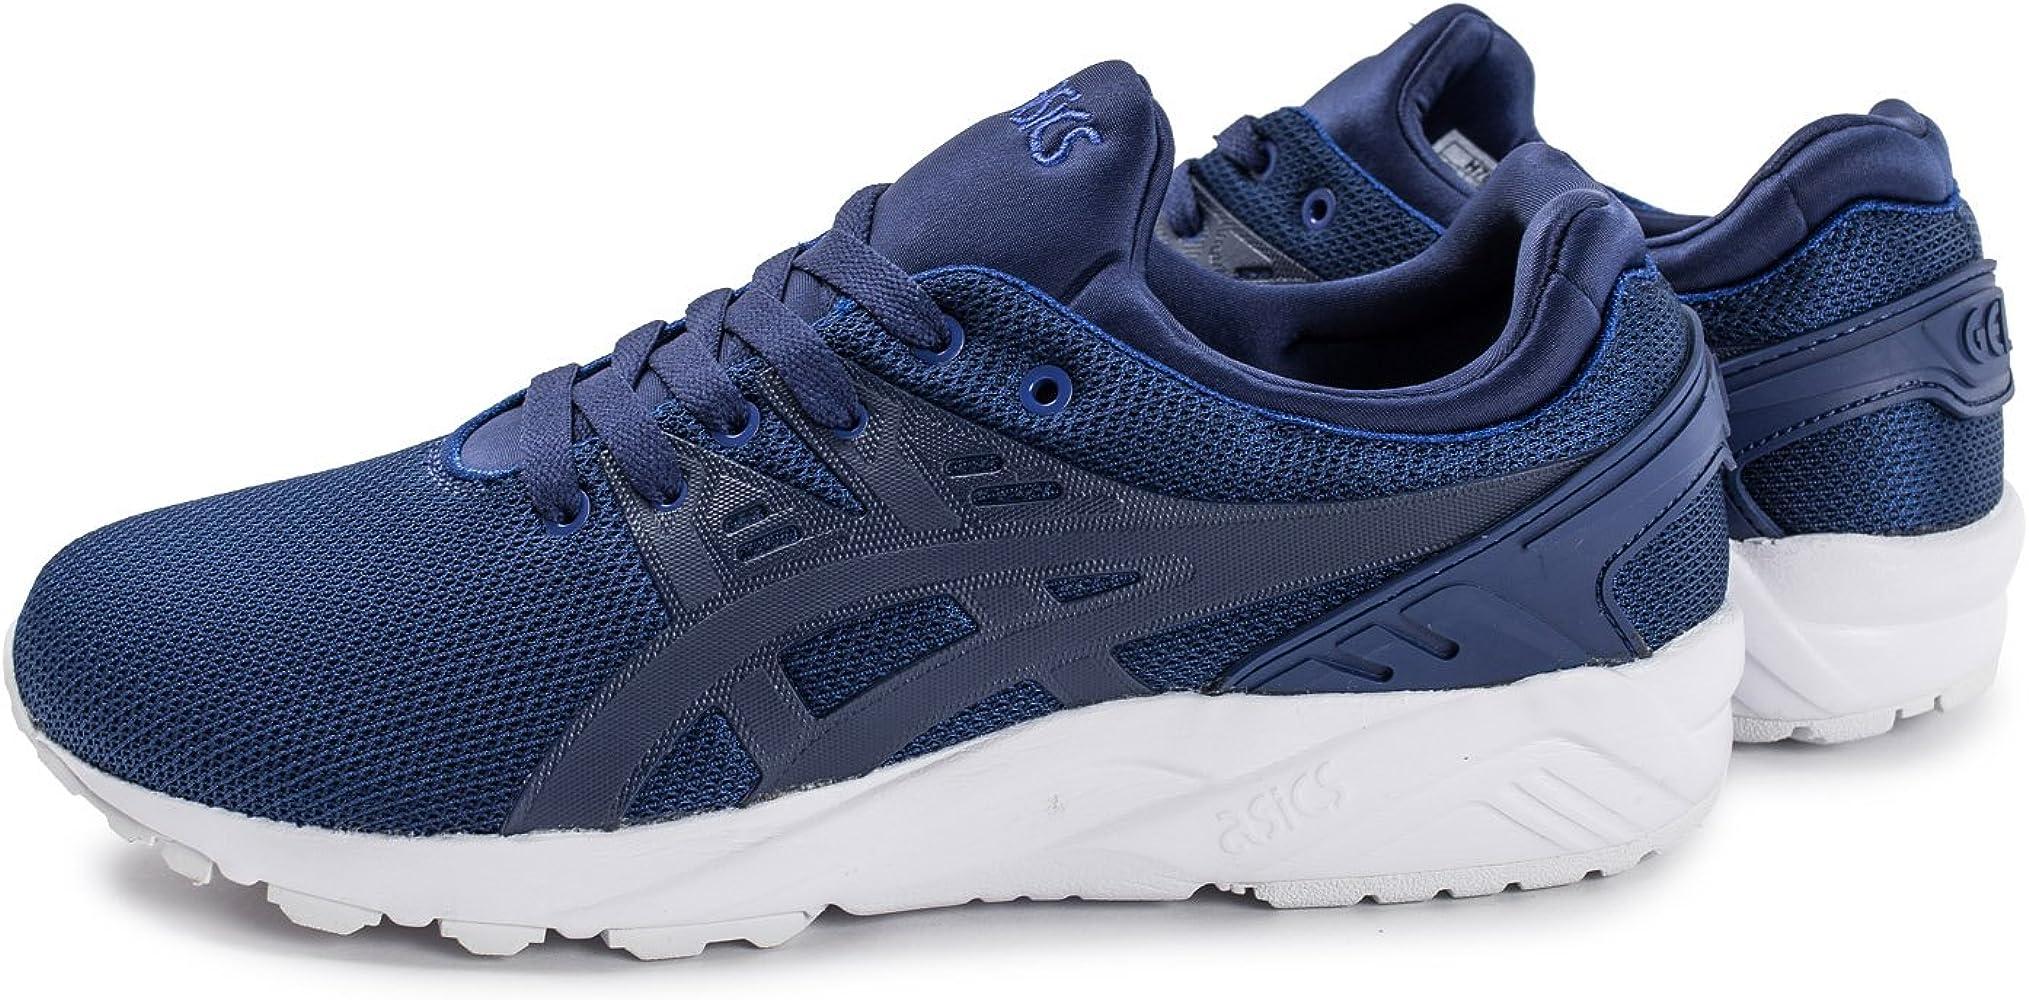 ASICS Men's Sneakers